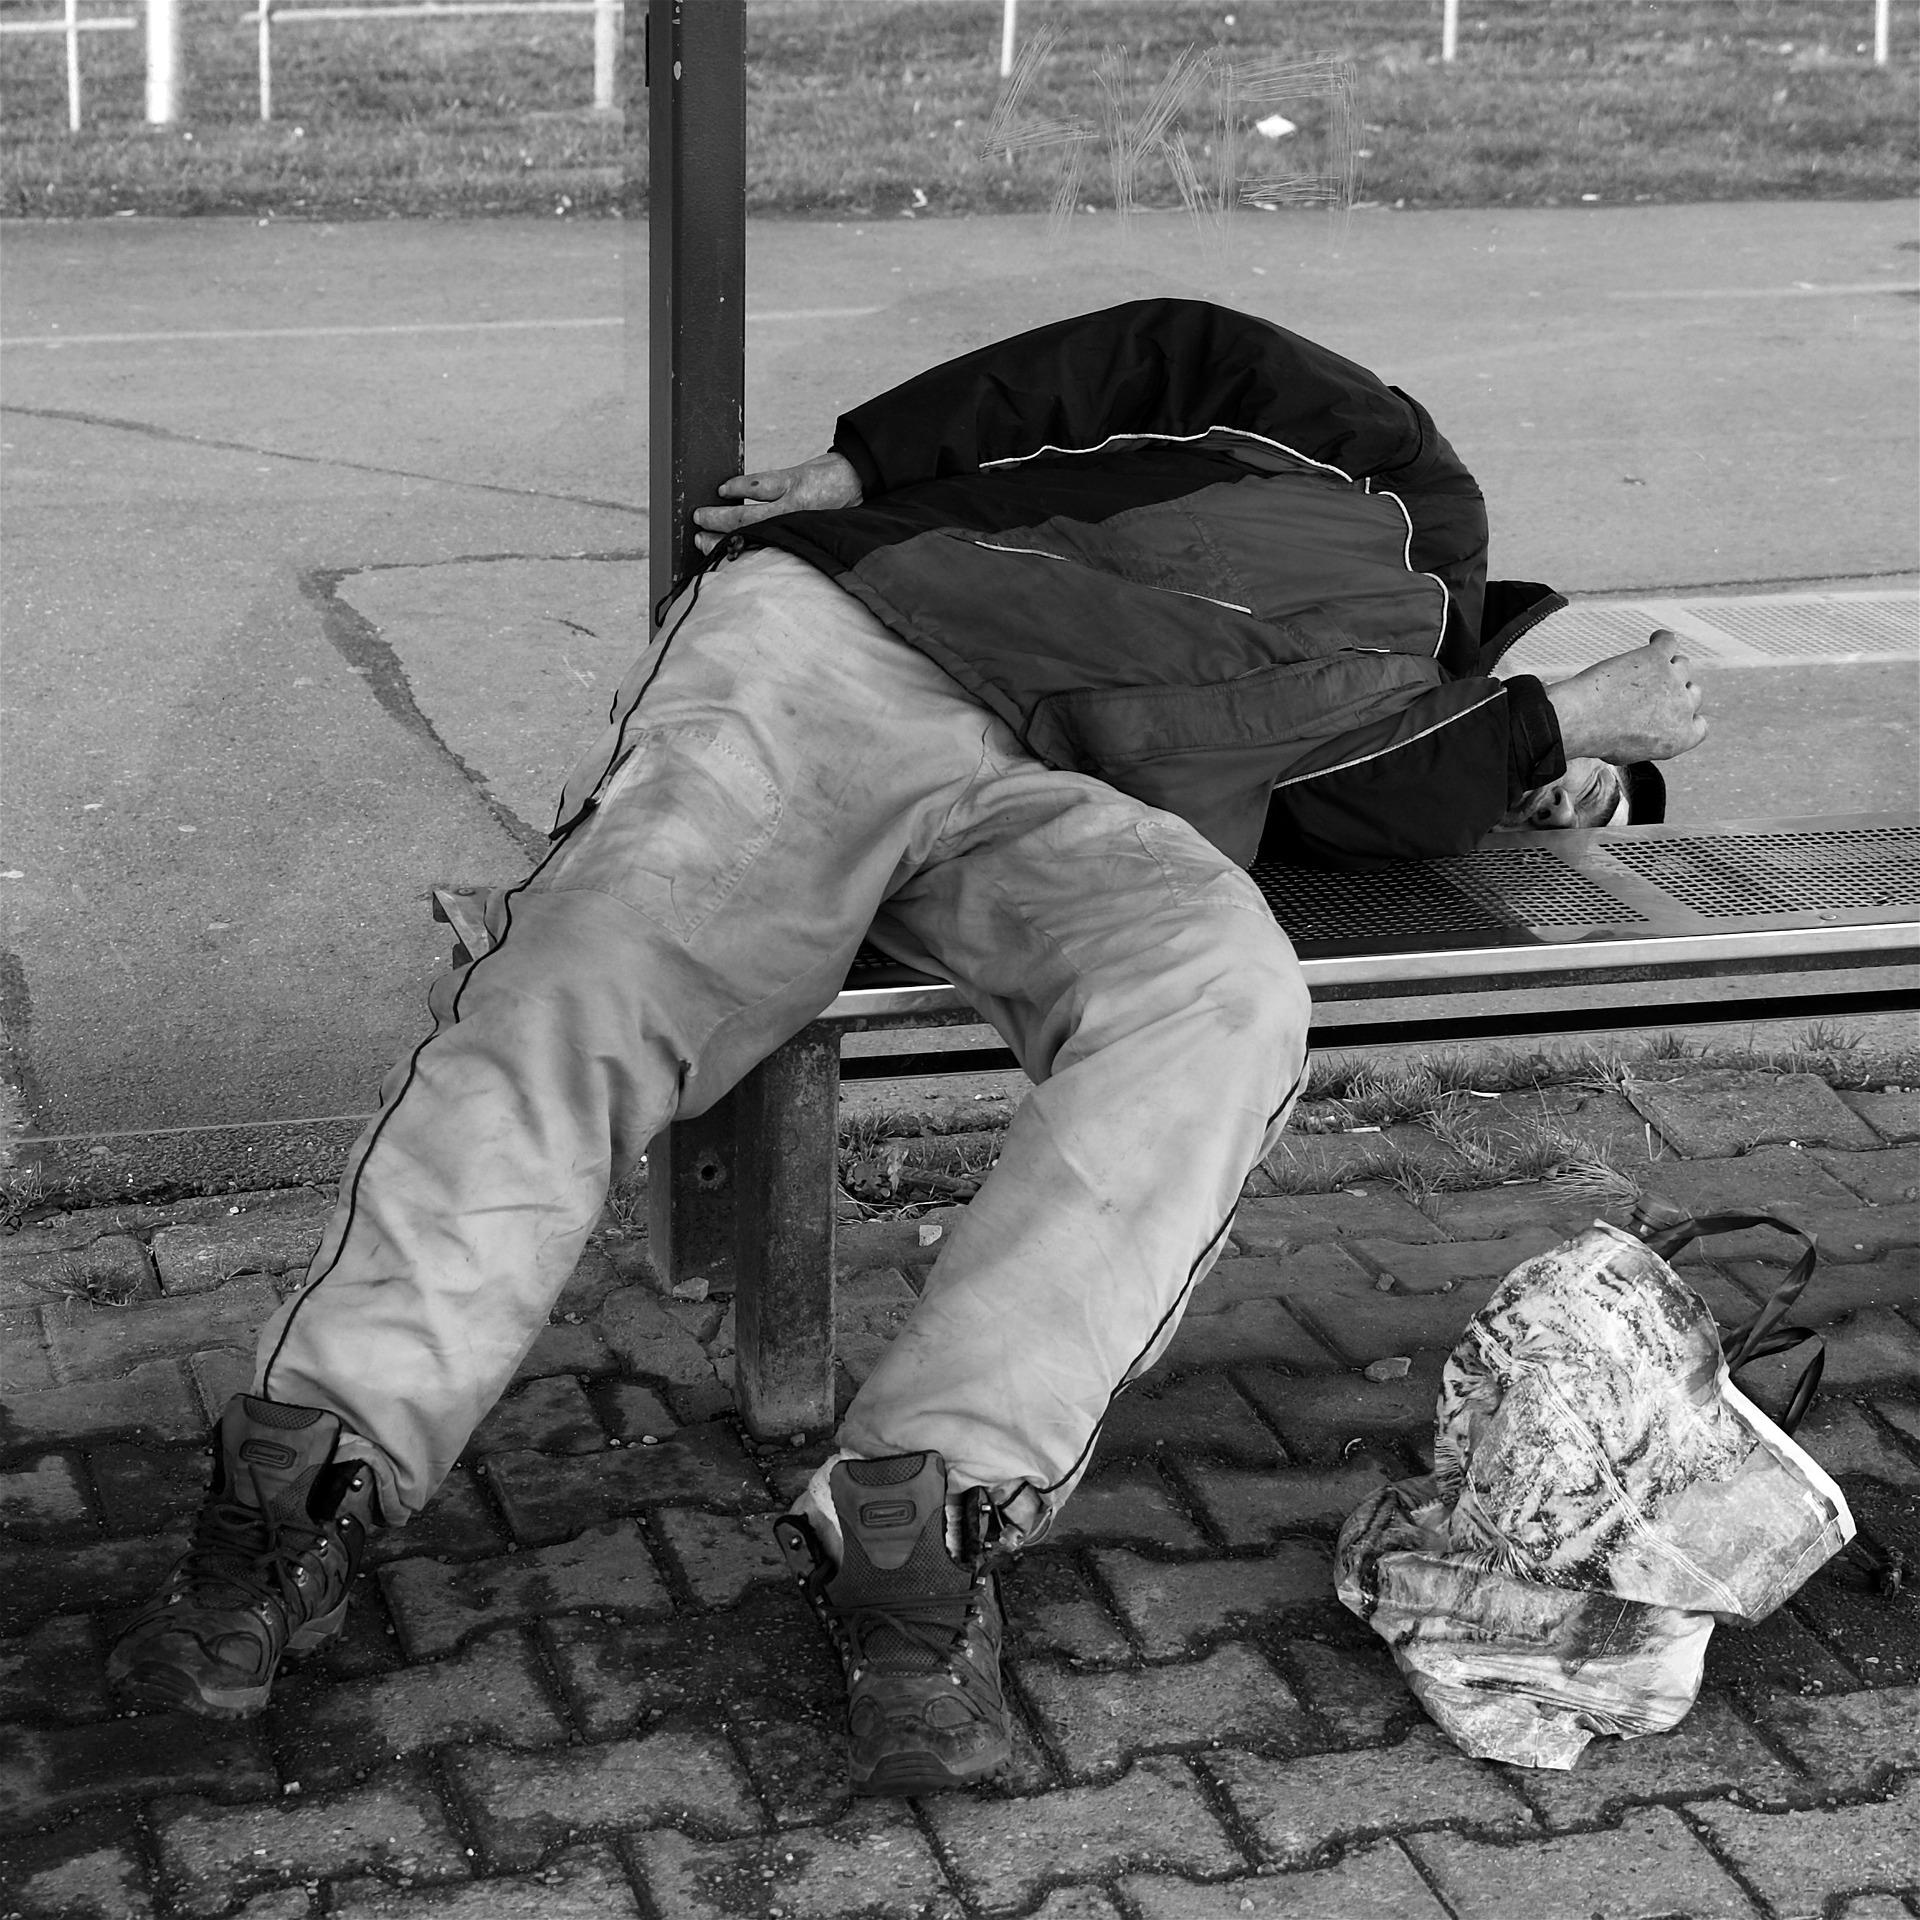 homeless-1204653_1920.jpg